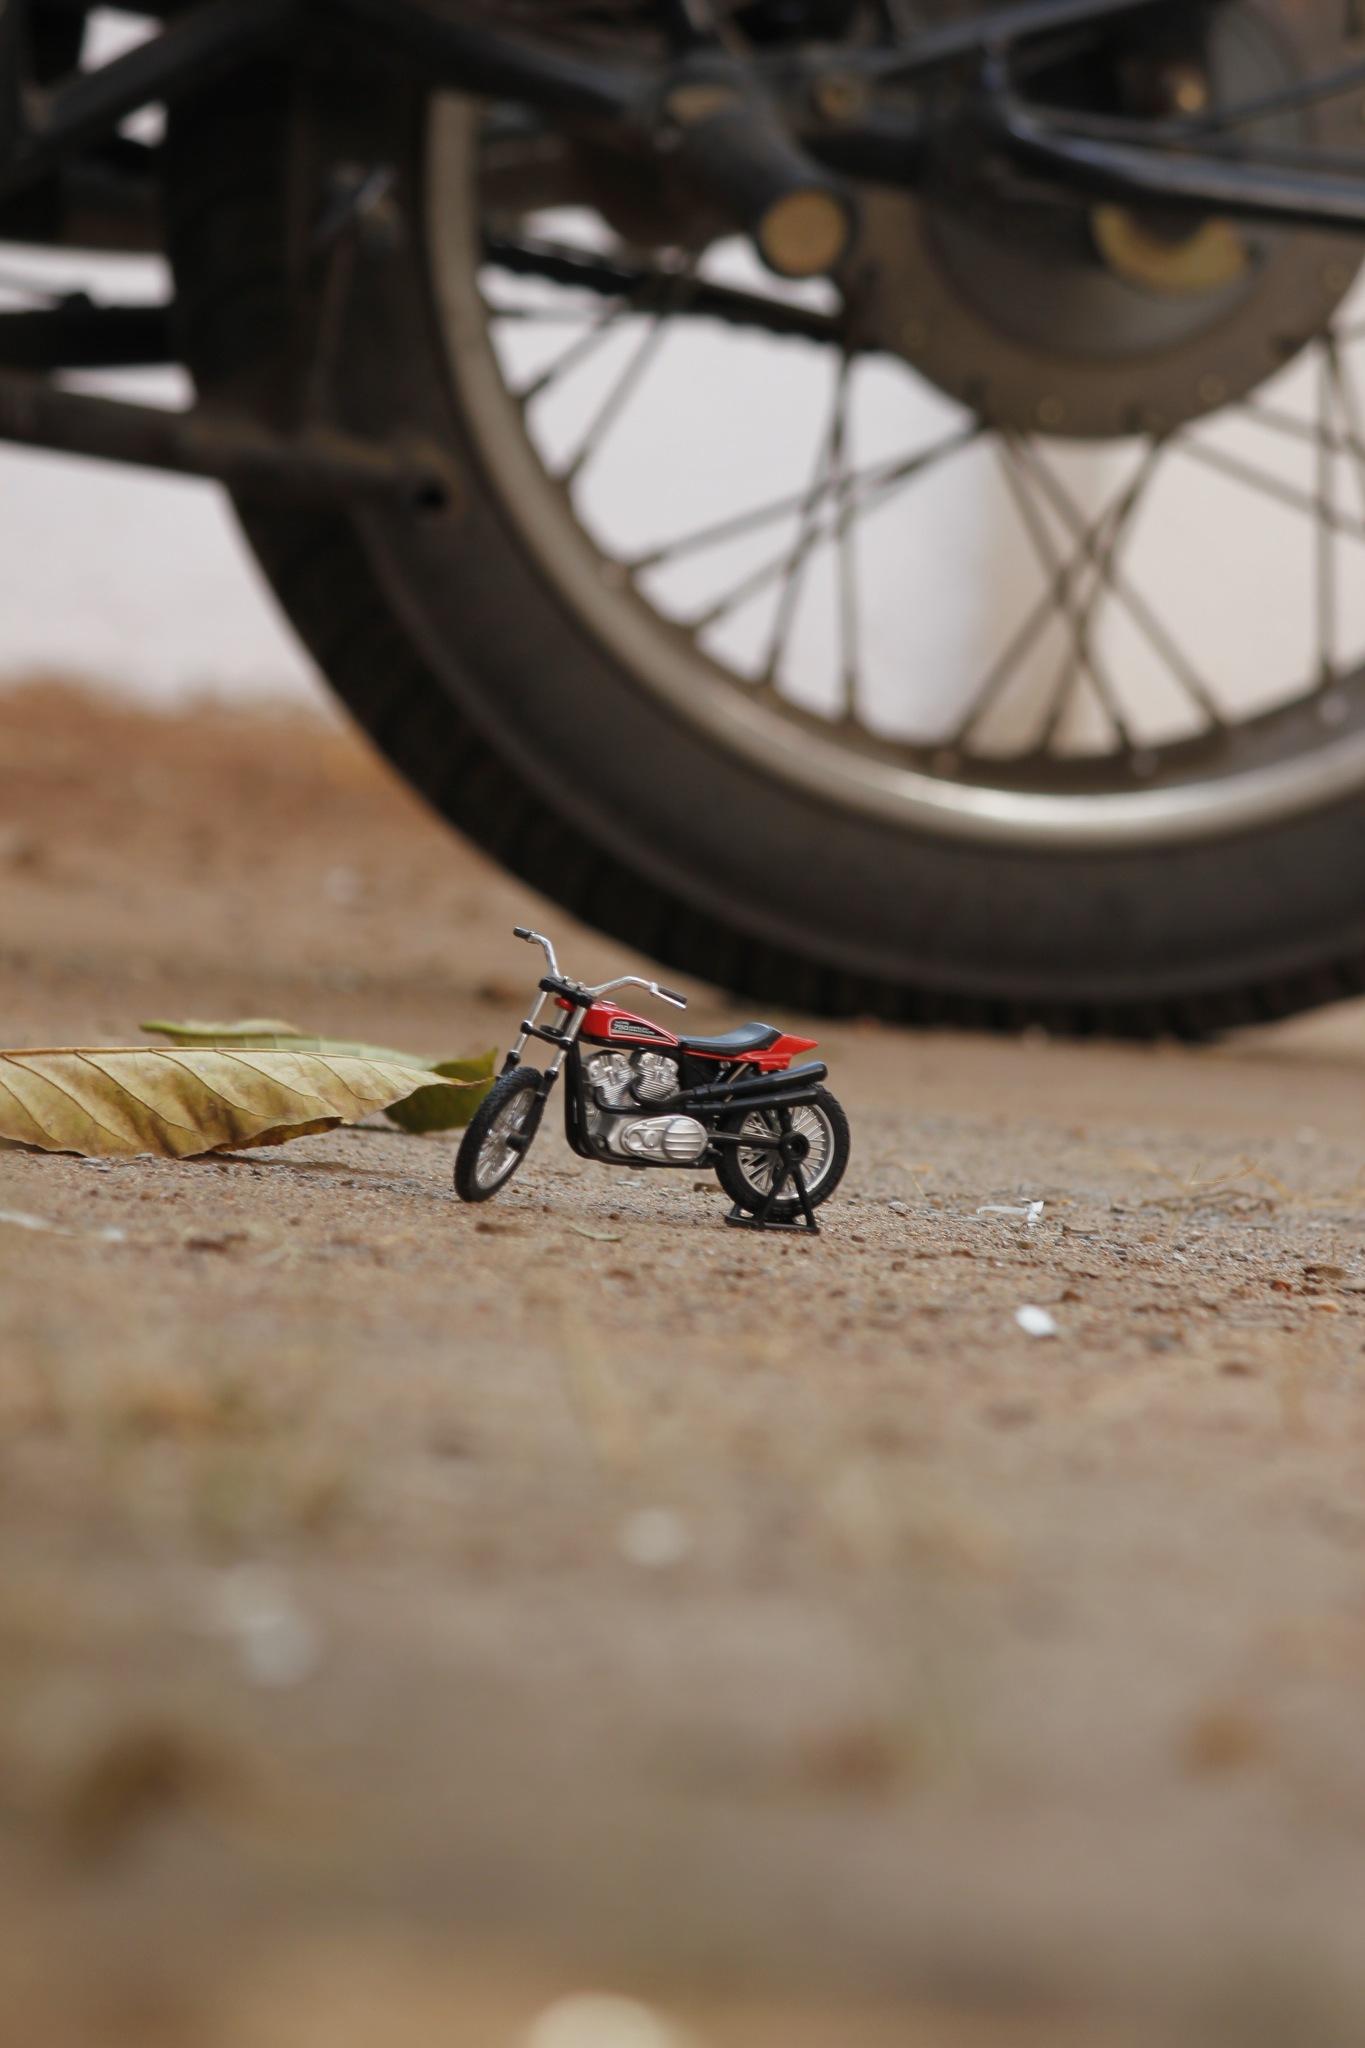 Honey, I shrunk my motorcycle by Rohit Sastry